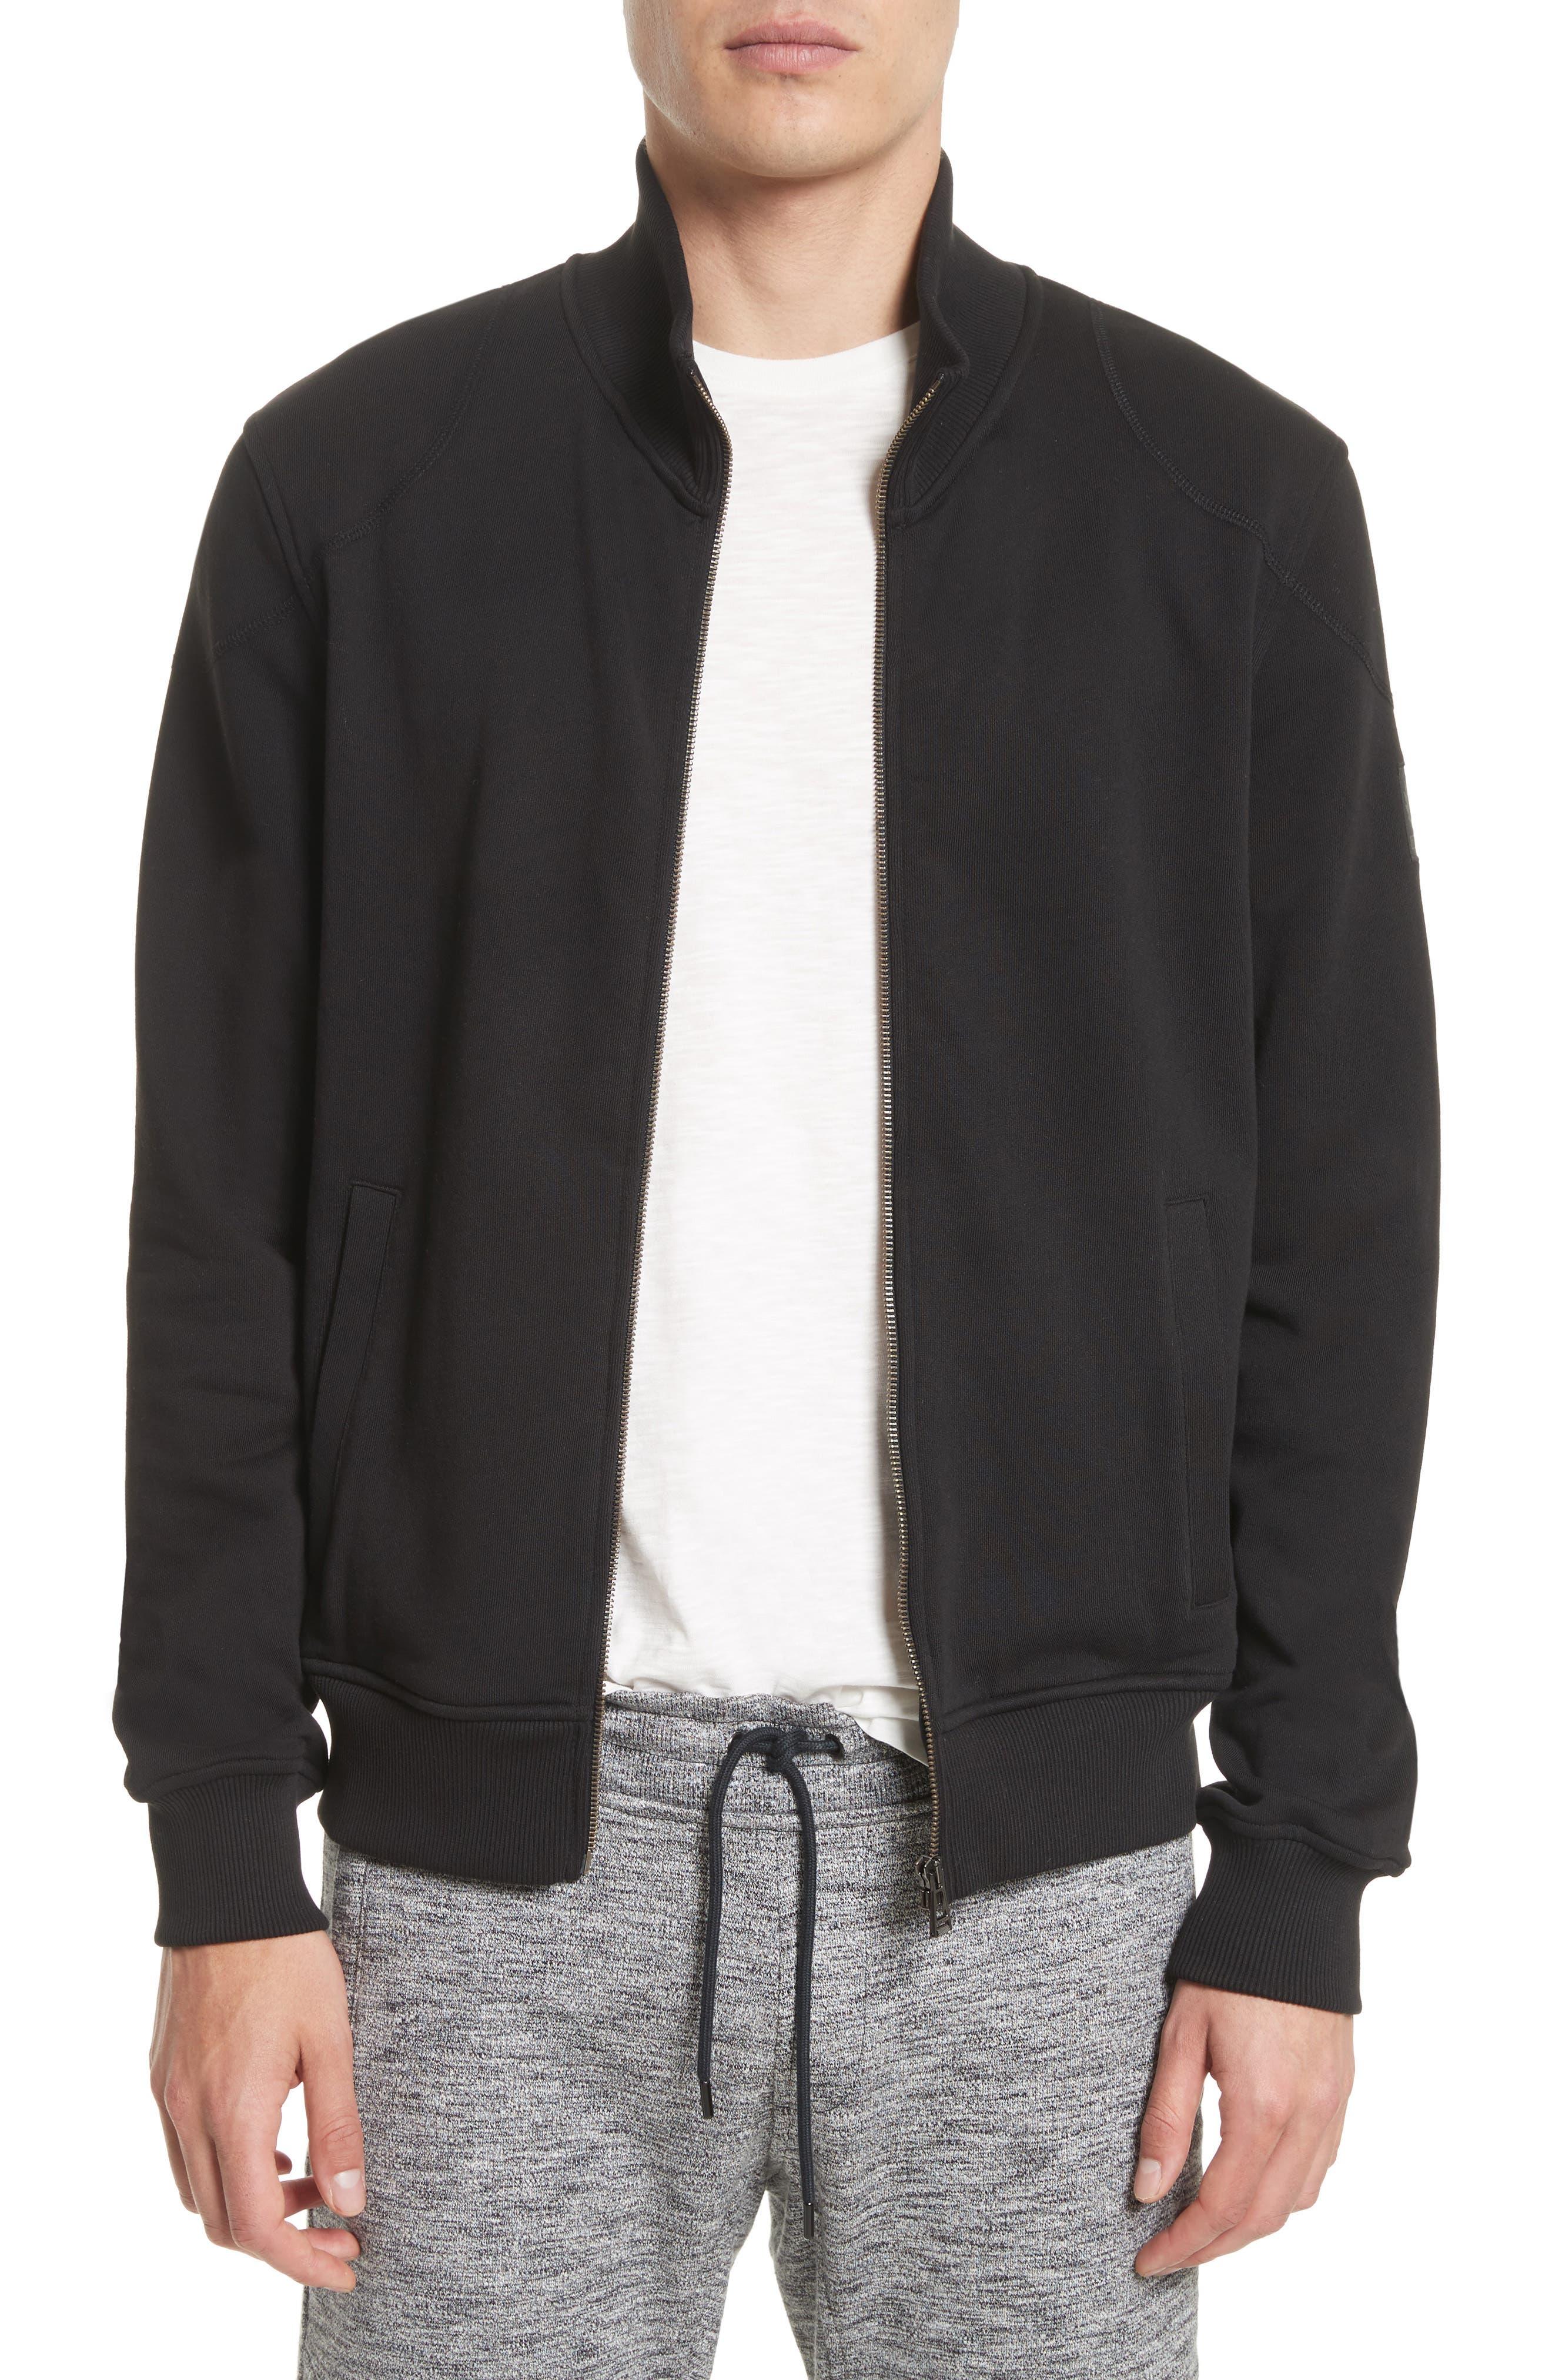 Belstaff Staplefield Mock Neck Full Zip Sweater, Black